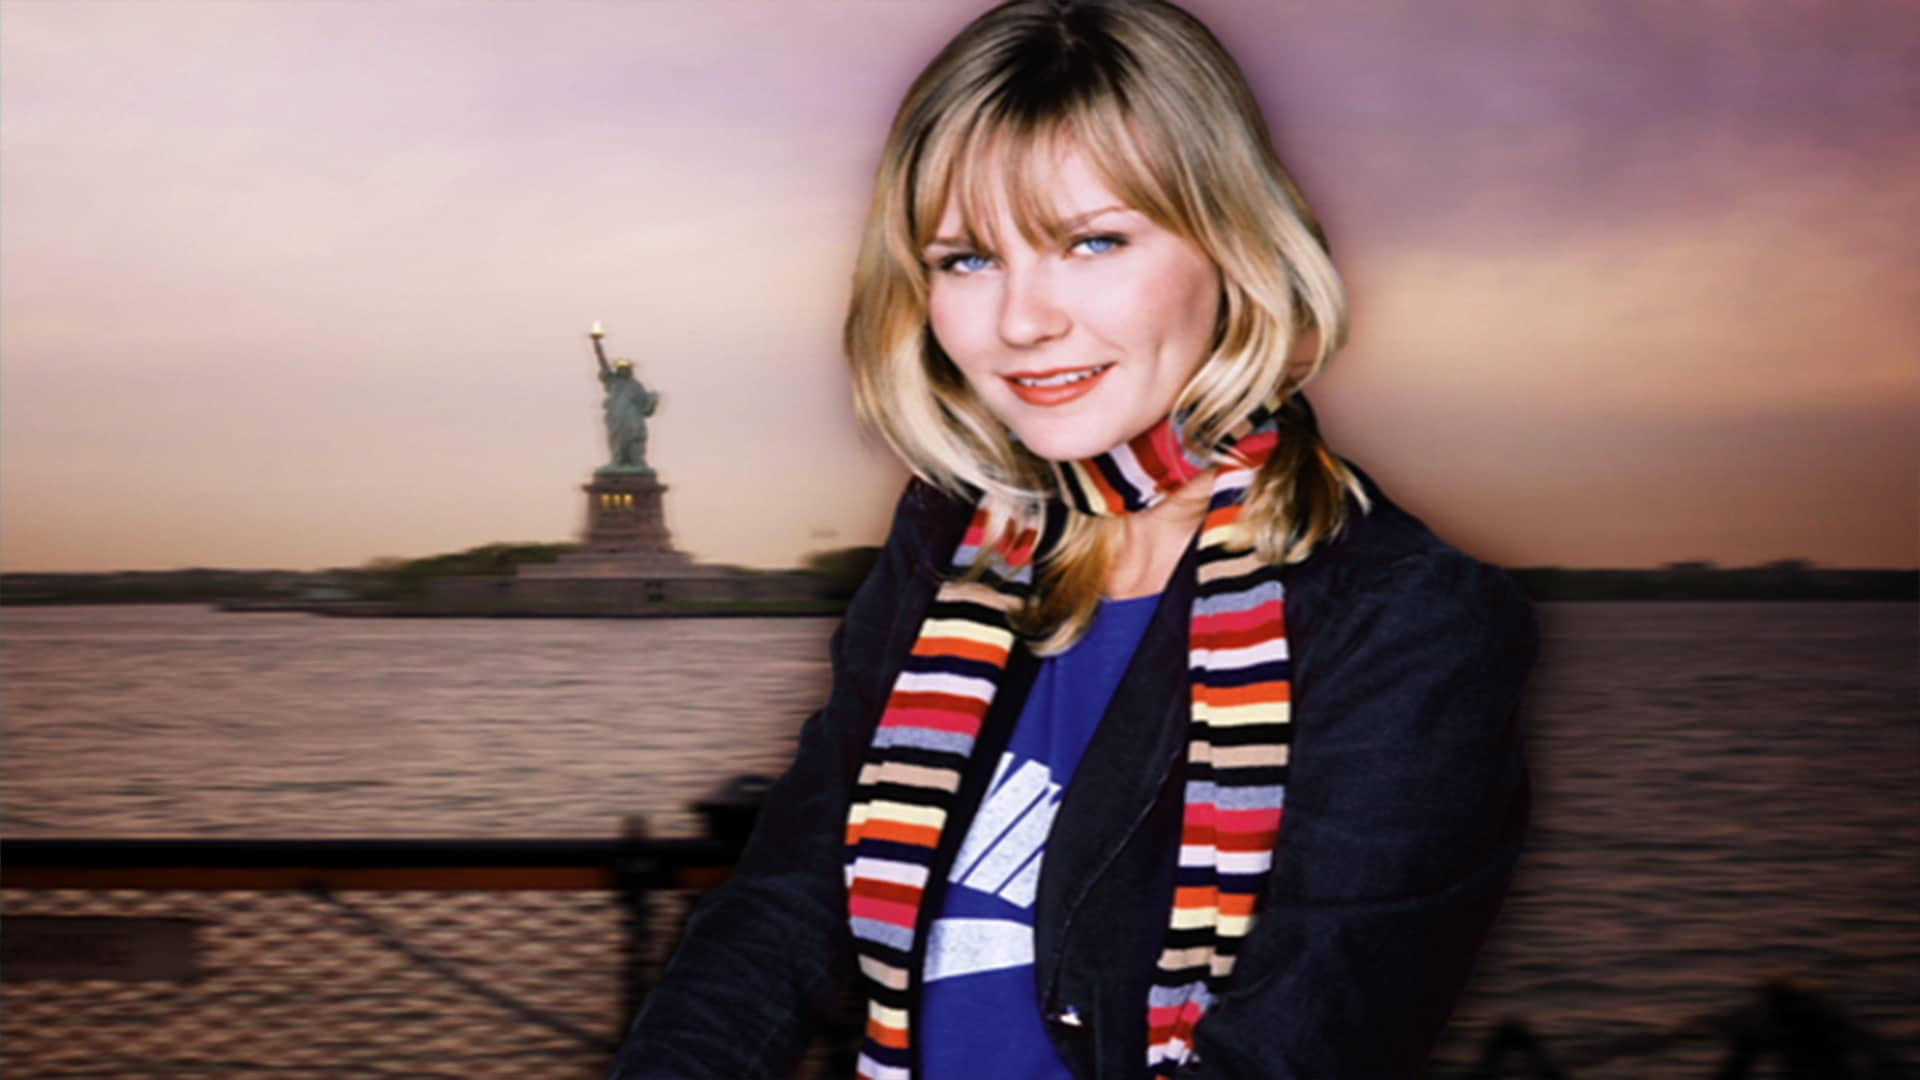 Kirsten Dunst: May 11, 2002